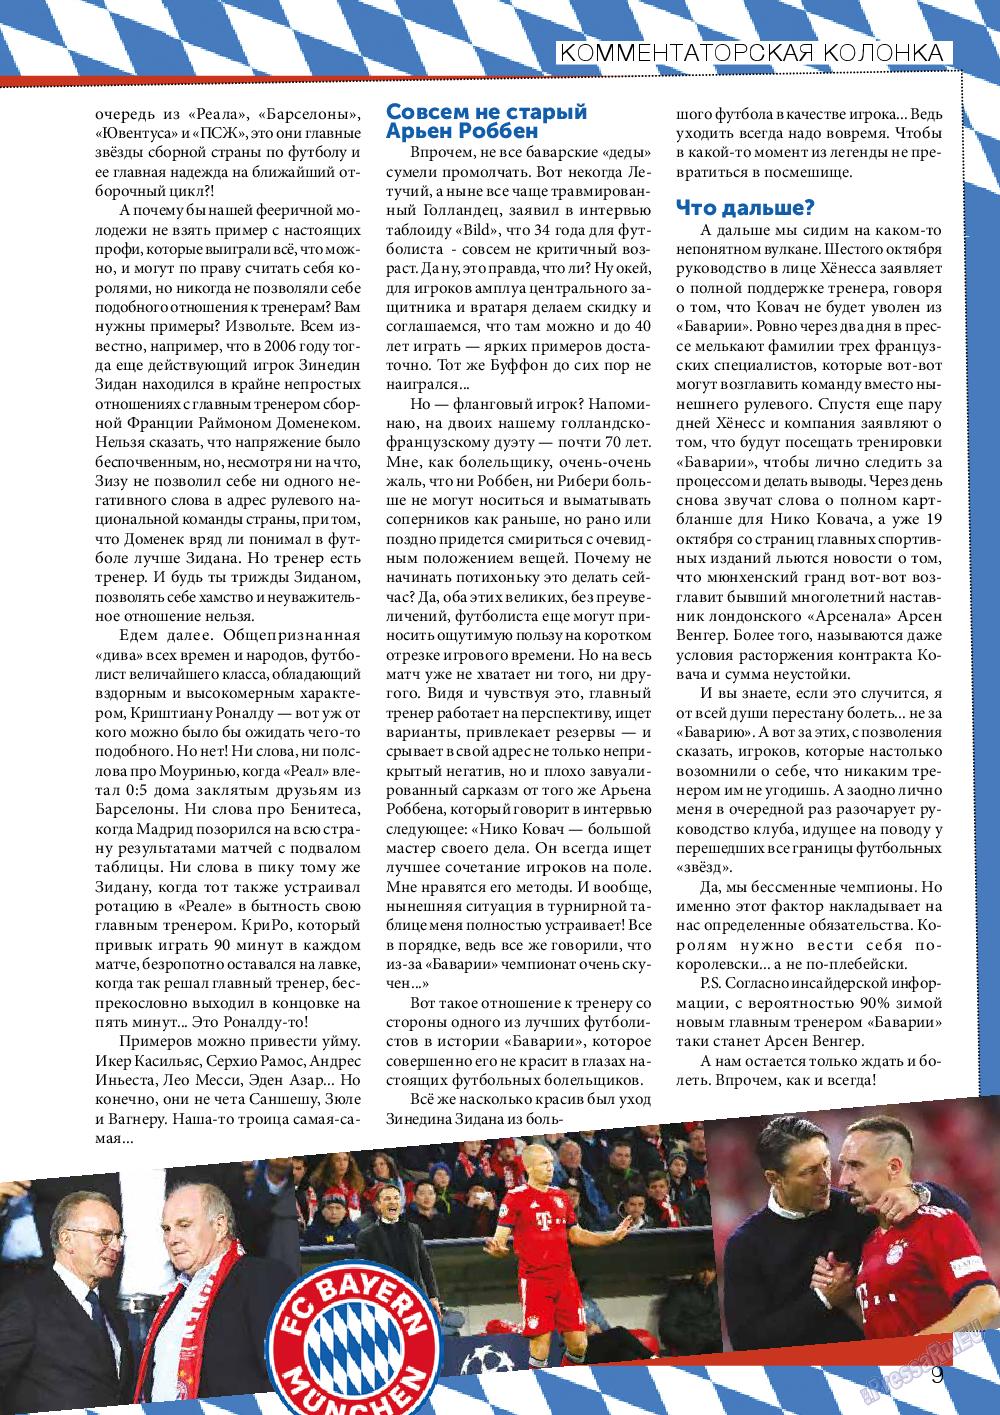 У нас в Баварии (журнал). 2018 год, номер 73, стр. 9